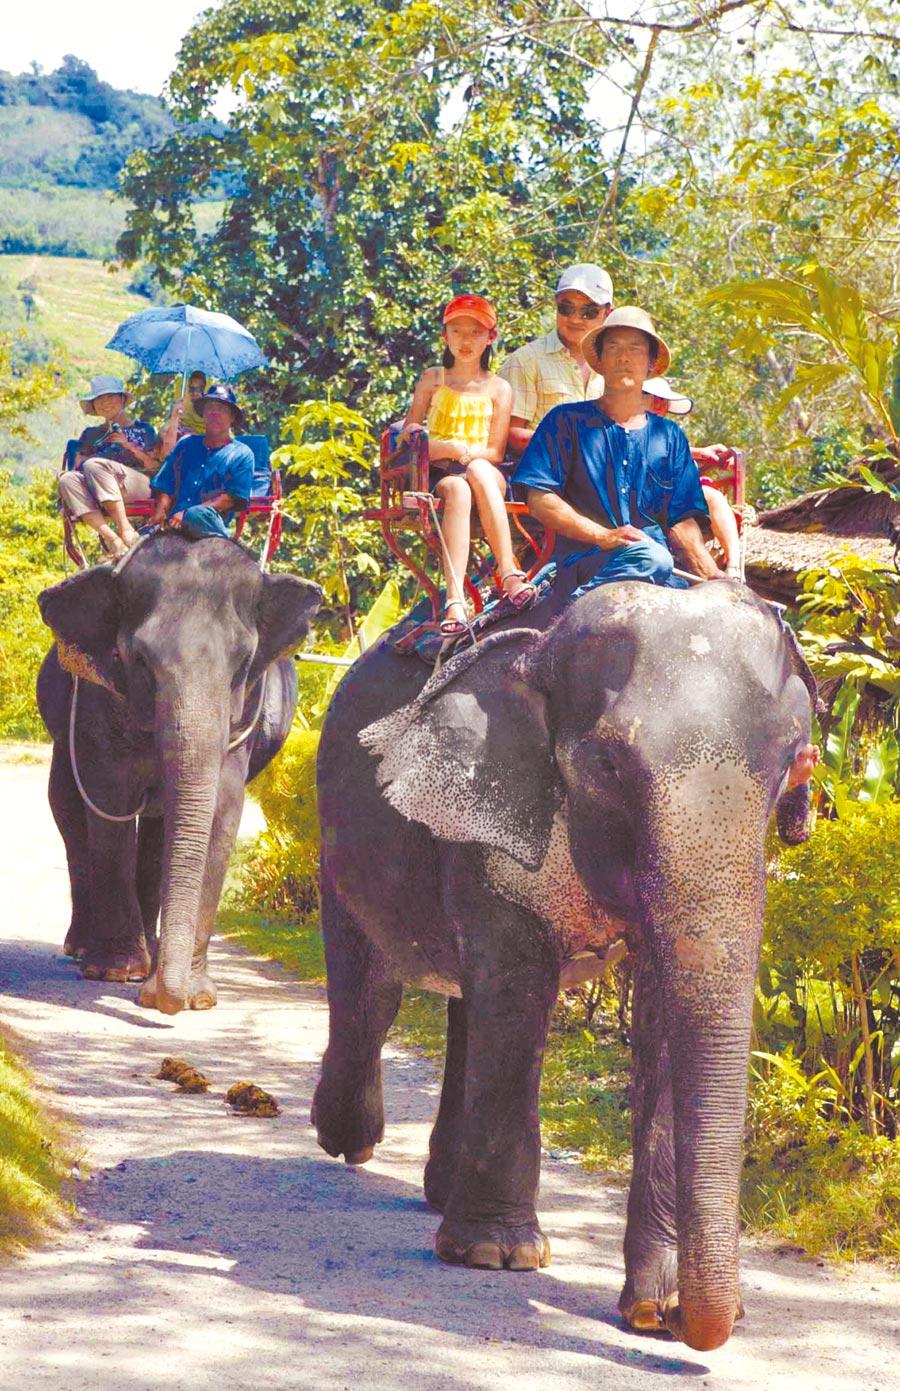 遊客在泰國騎乘大象旅遊。(中新社資料照片)